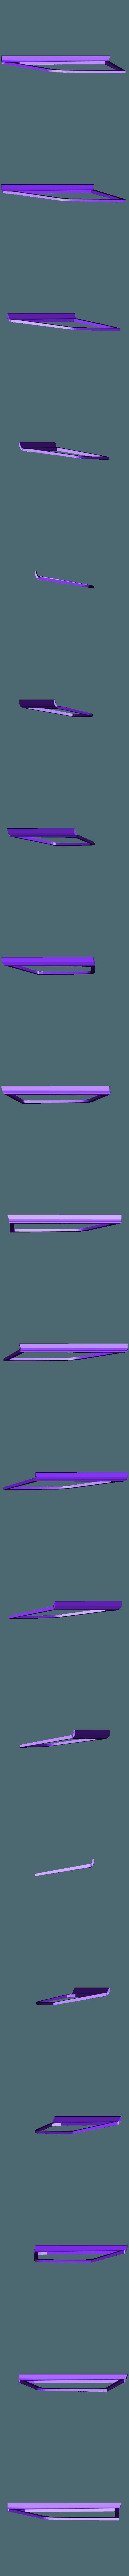 door_up_R.STL Download STL file Lada Niva  • 3D printing template, serega1337